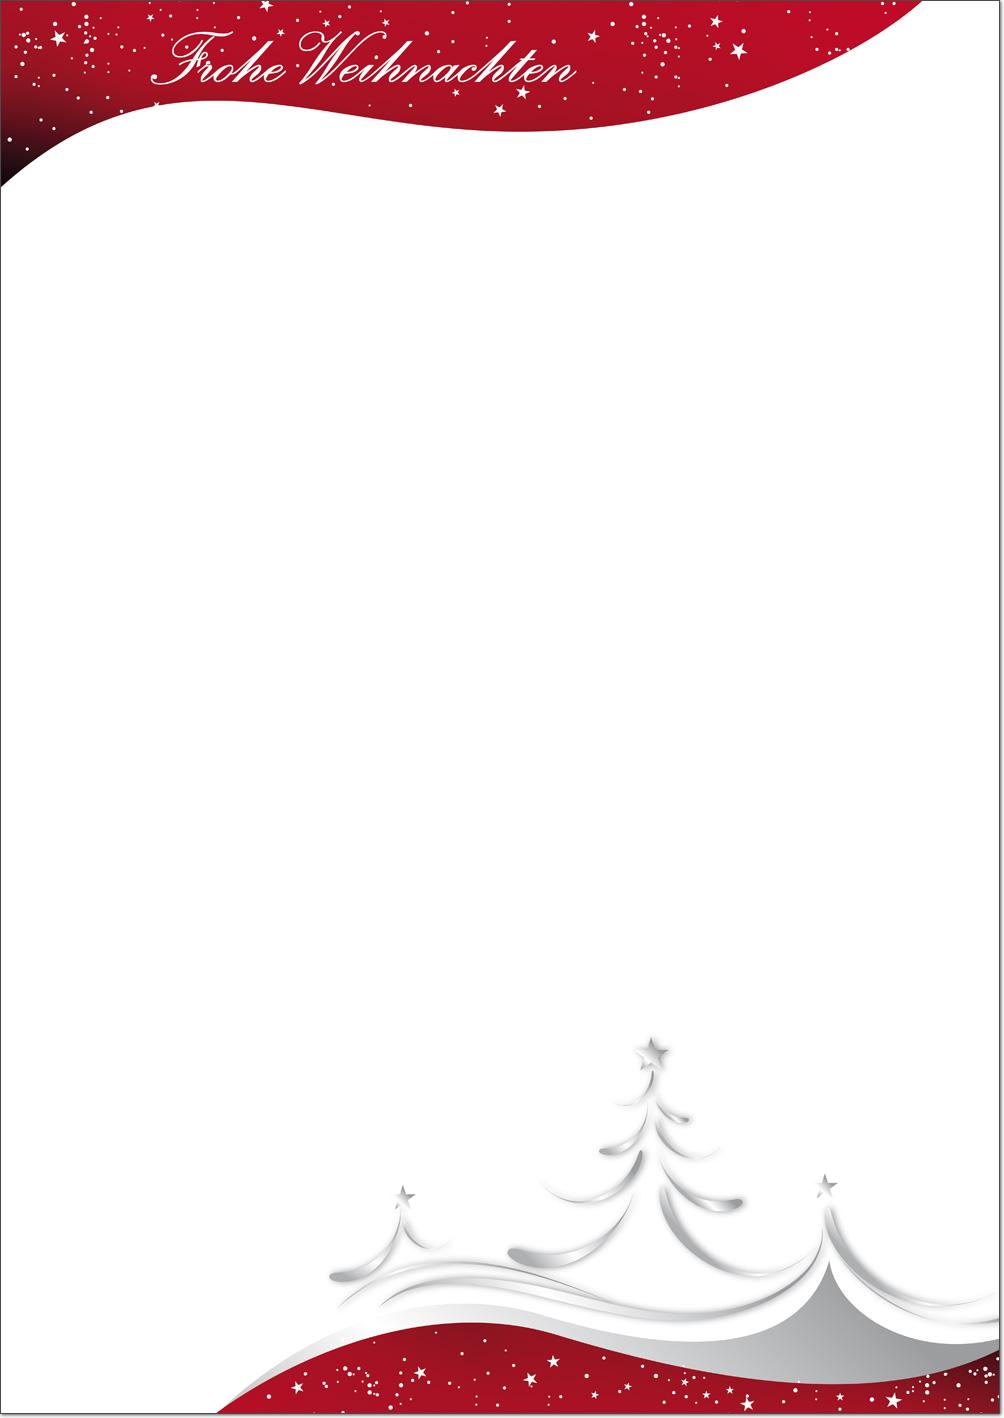 weihnachtsbriefpapier gro e auswahl an fertigen motiven. Black Bedroom Furniture Sets. Home Design Ideas